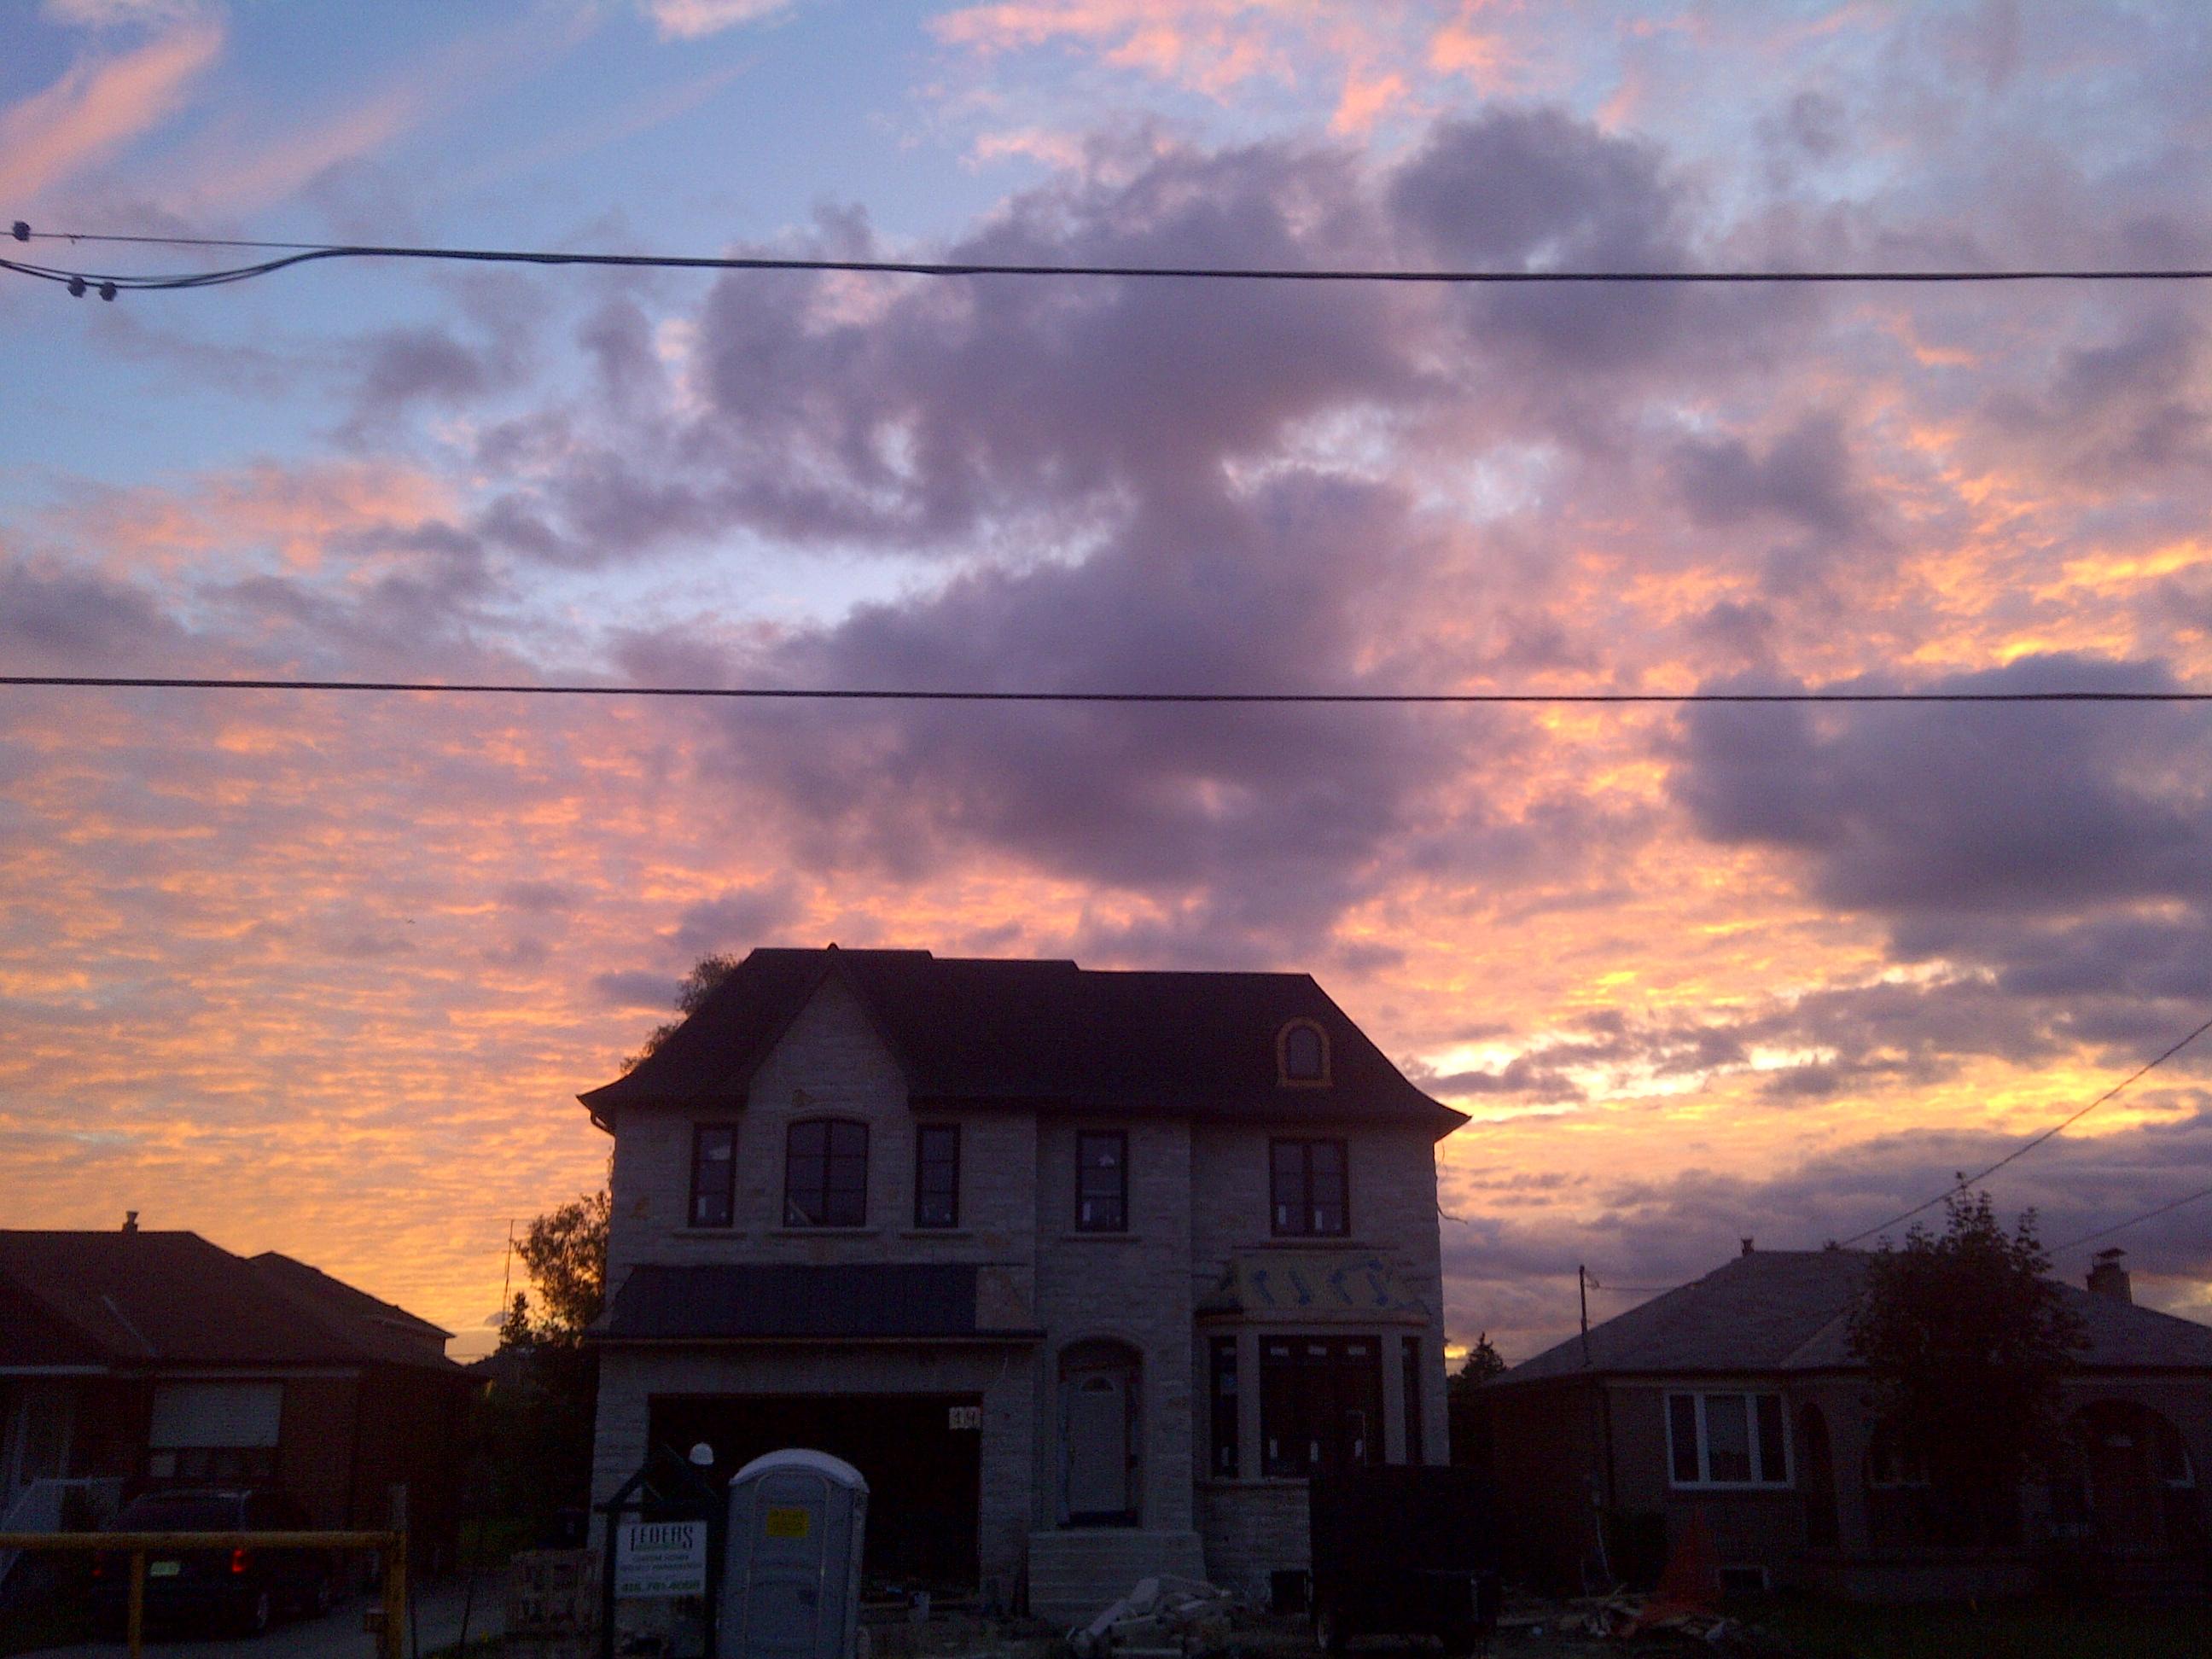 Sunset suburbs photo